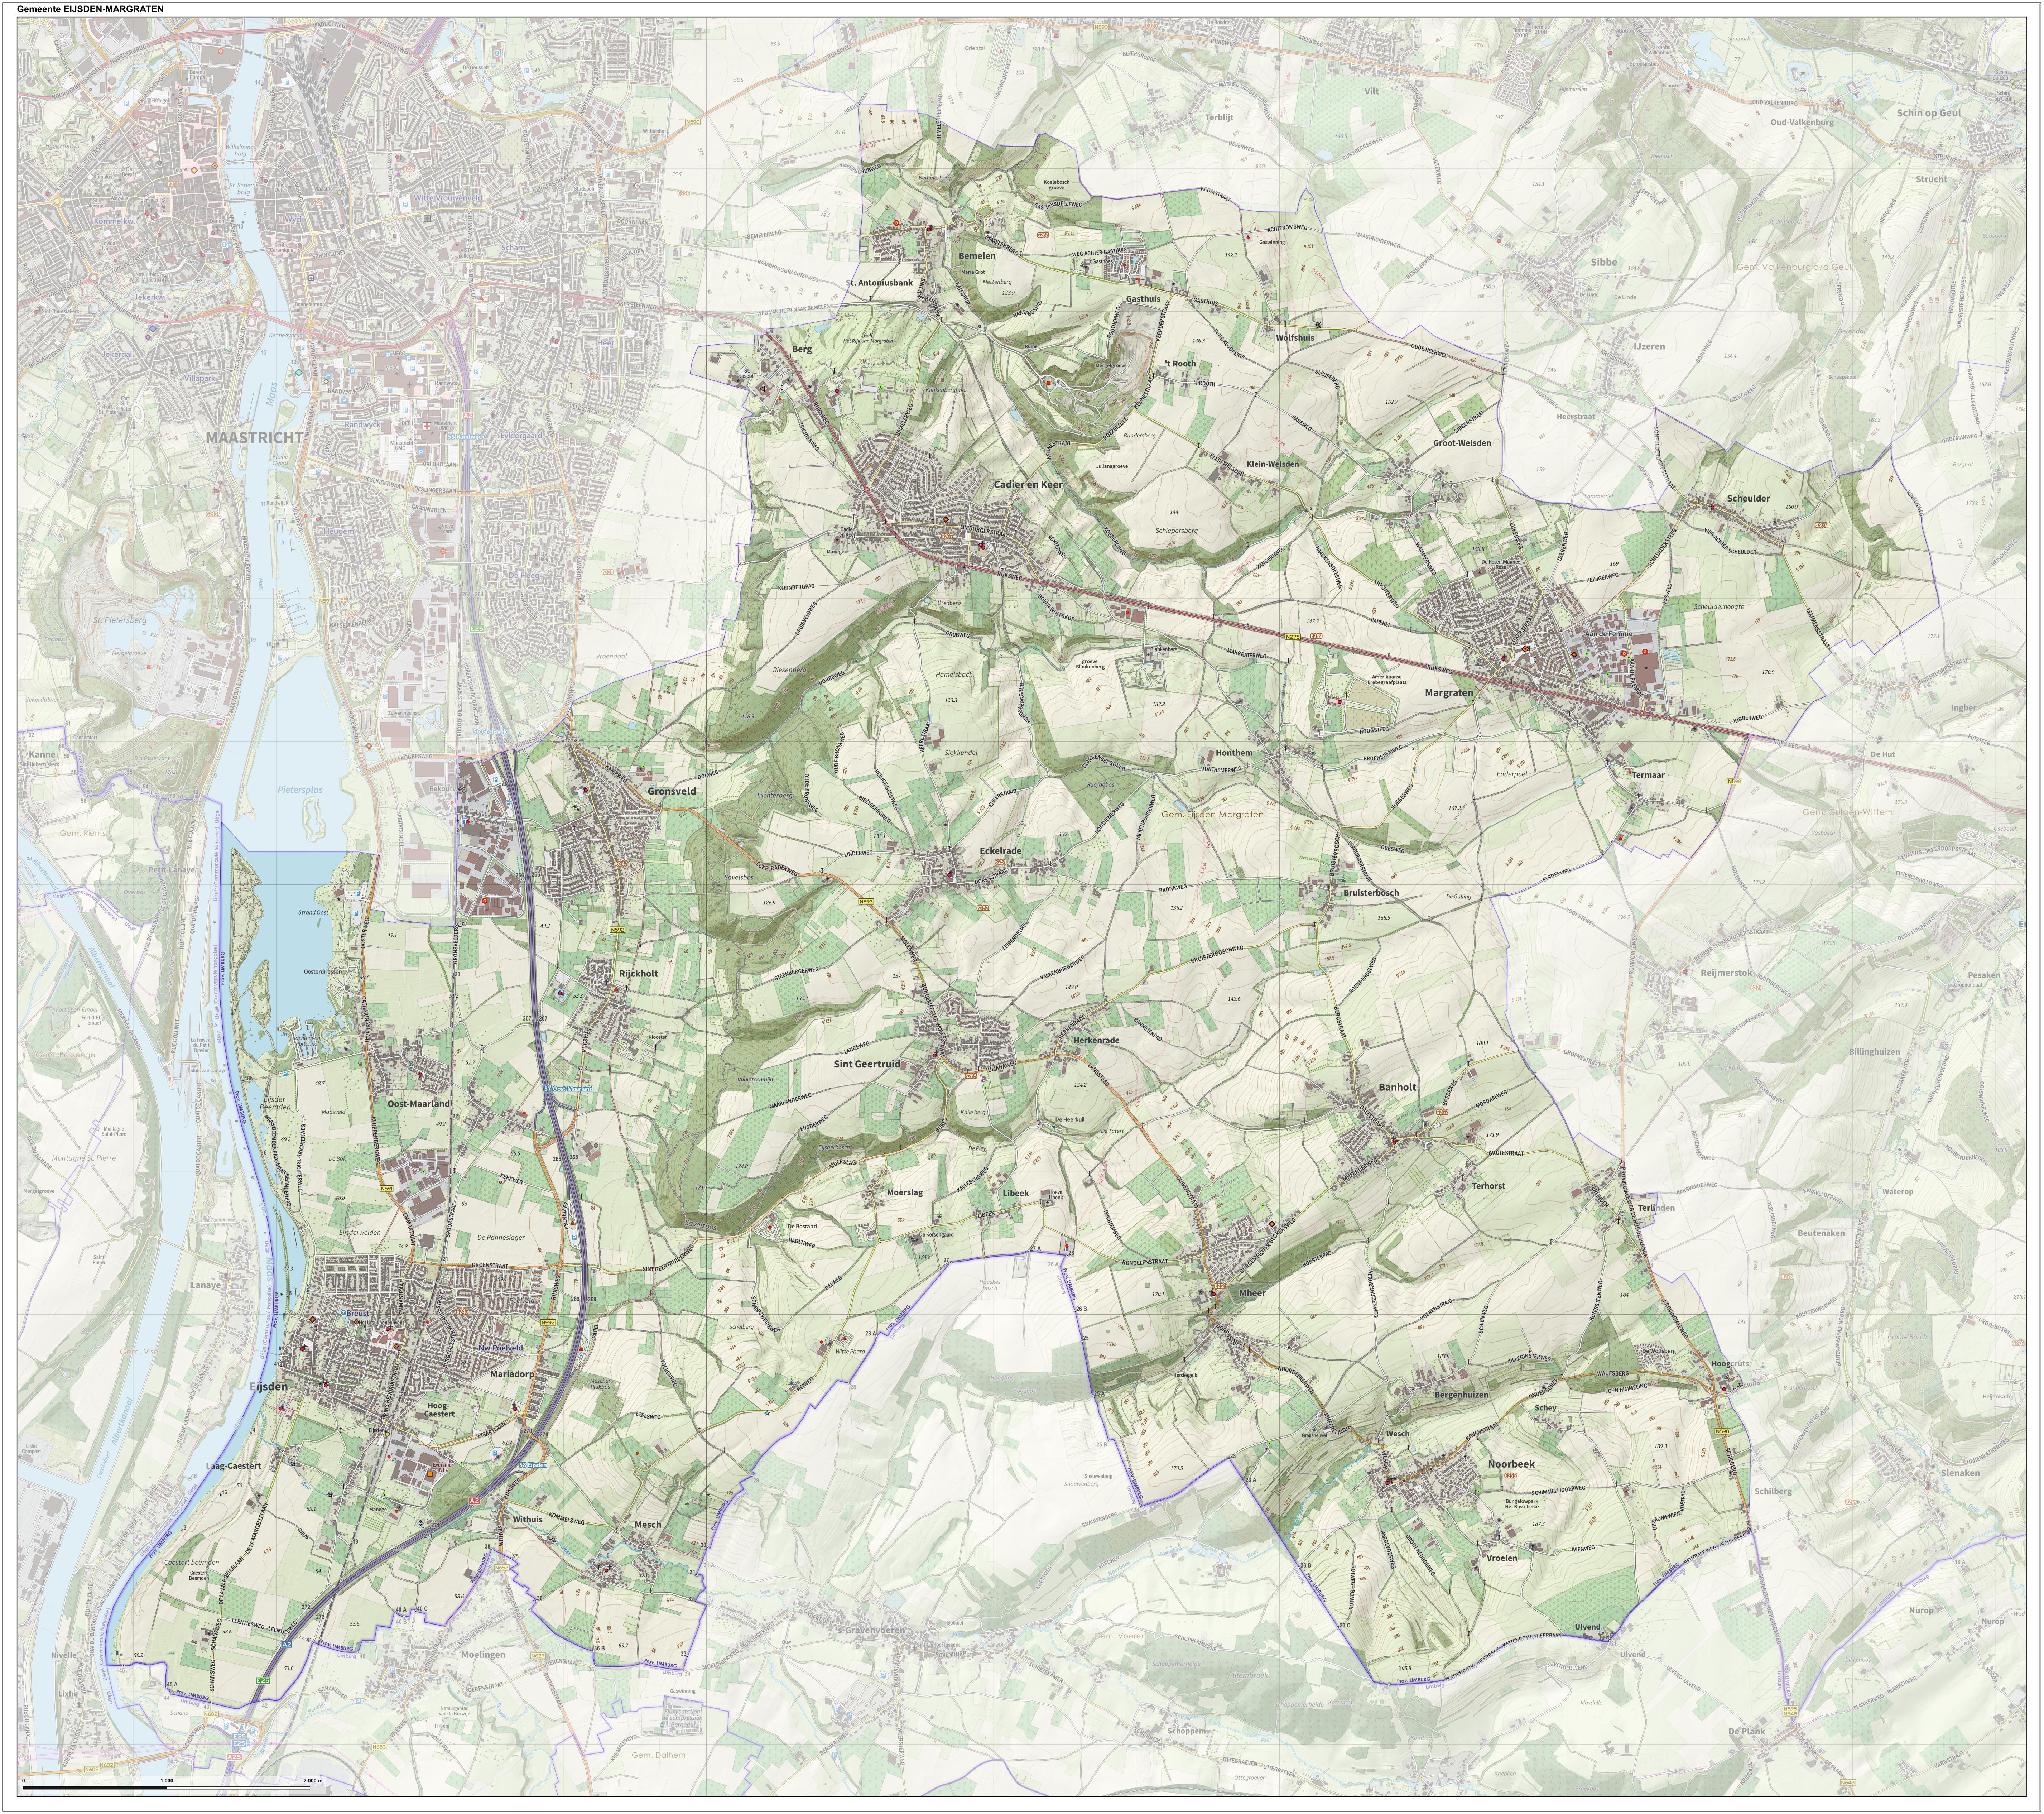 6a6791cd48d875 Eijsden-Margraten - Wikipedia